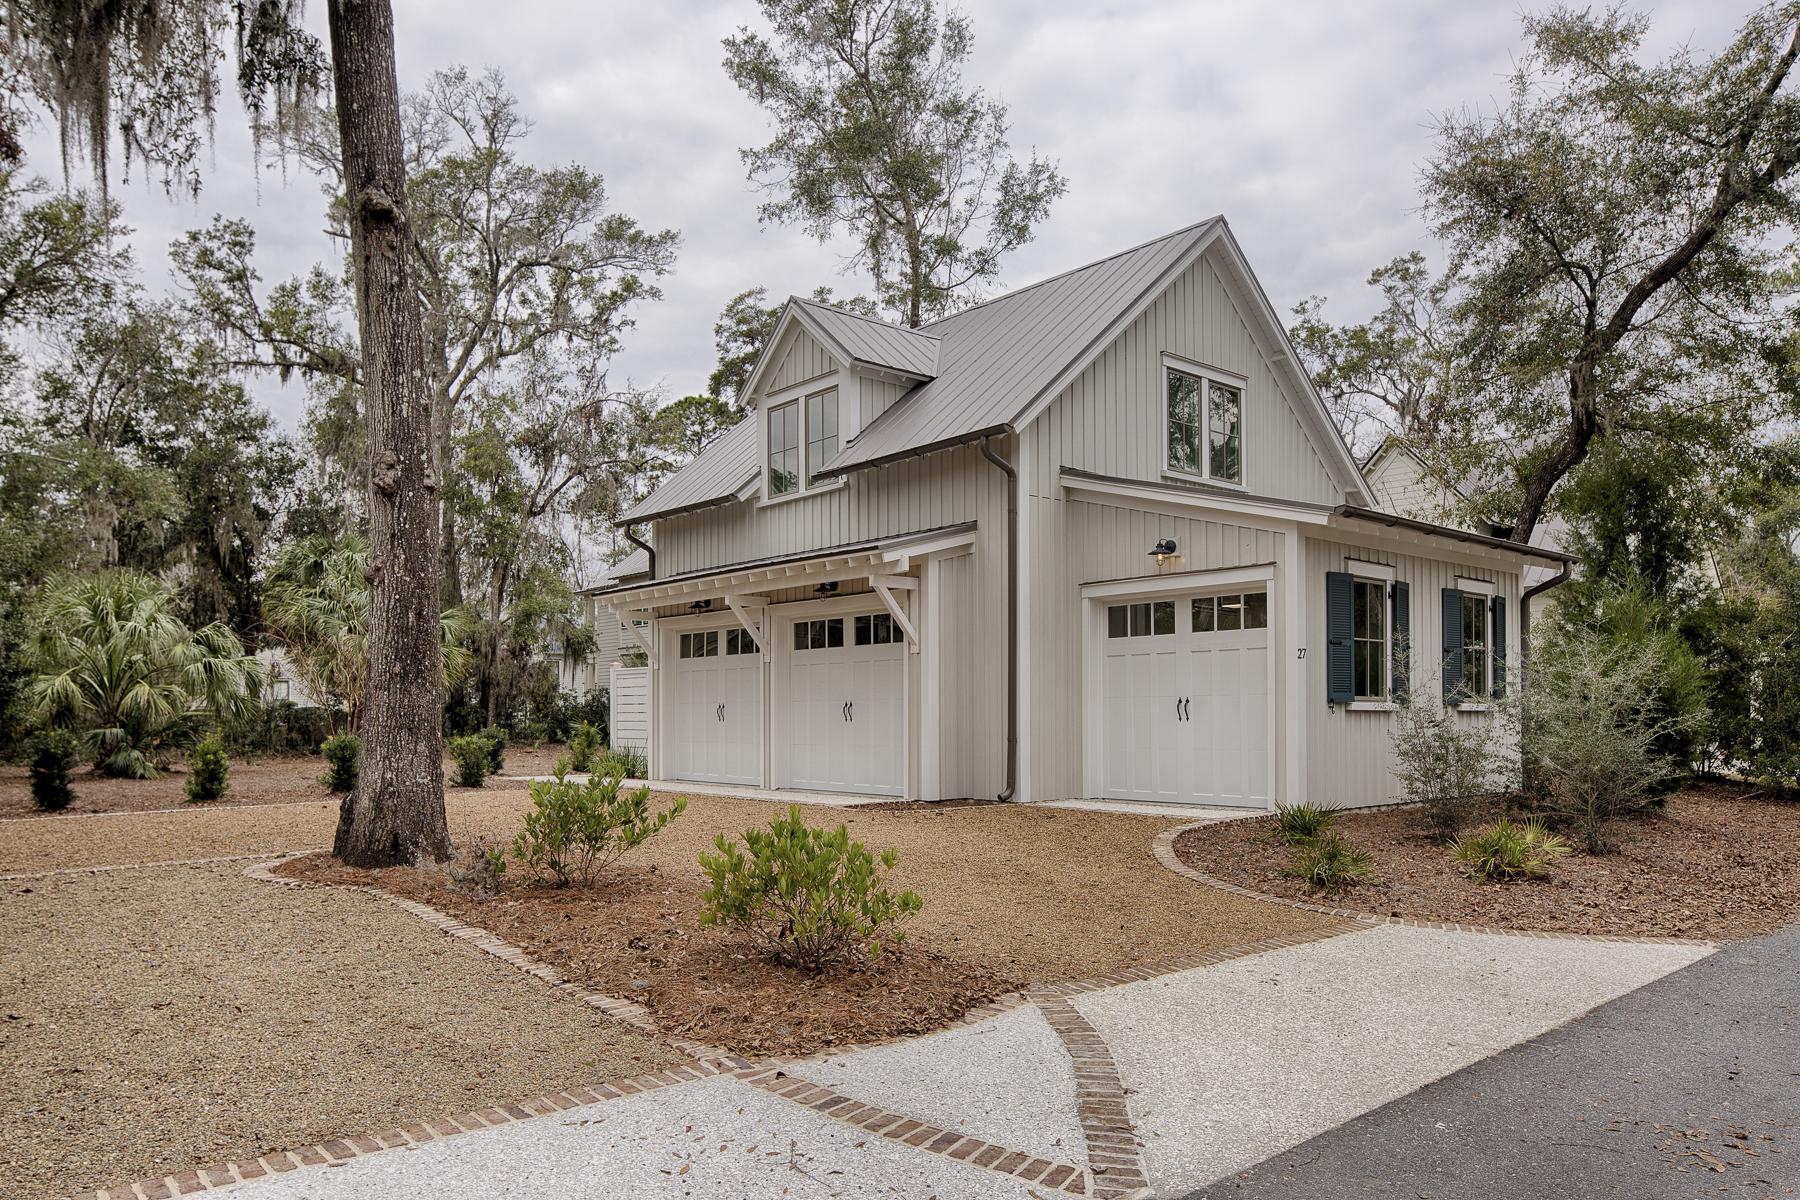 Villa per Vendita alle ore 27 Hernando Street Bluffton, Georgia, 31401 Stati Uniti